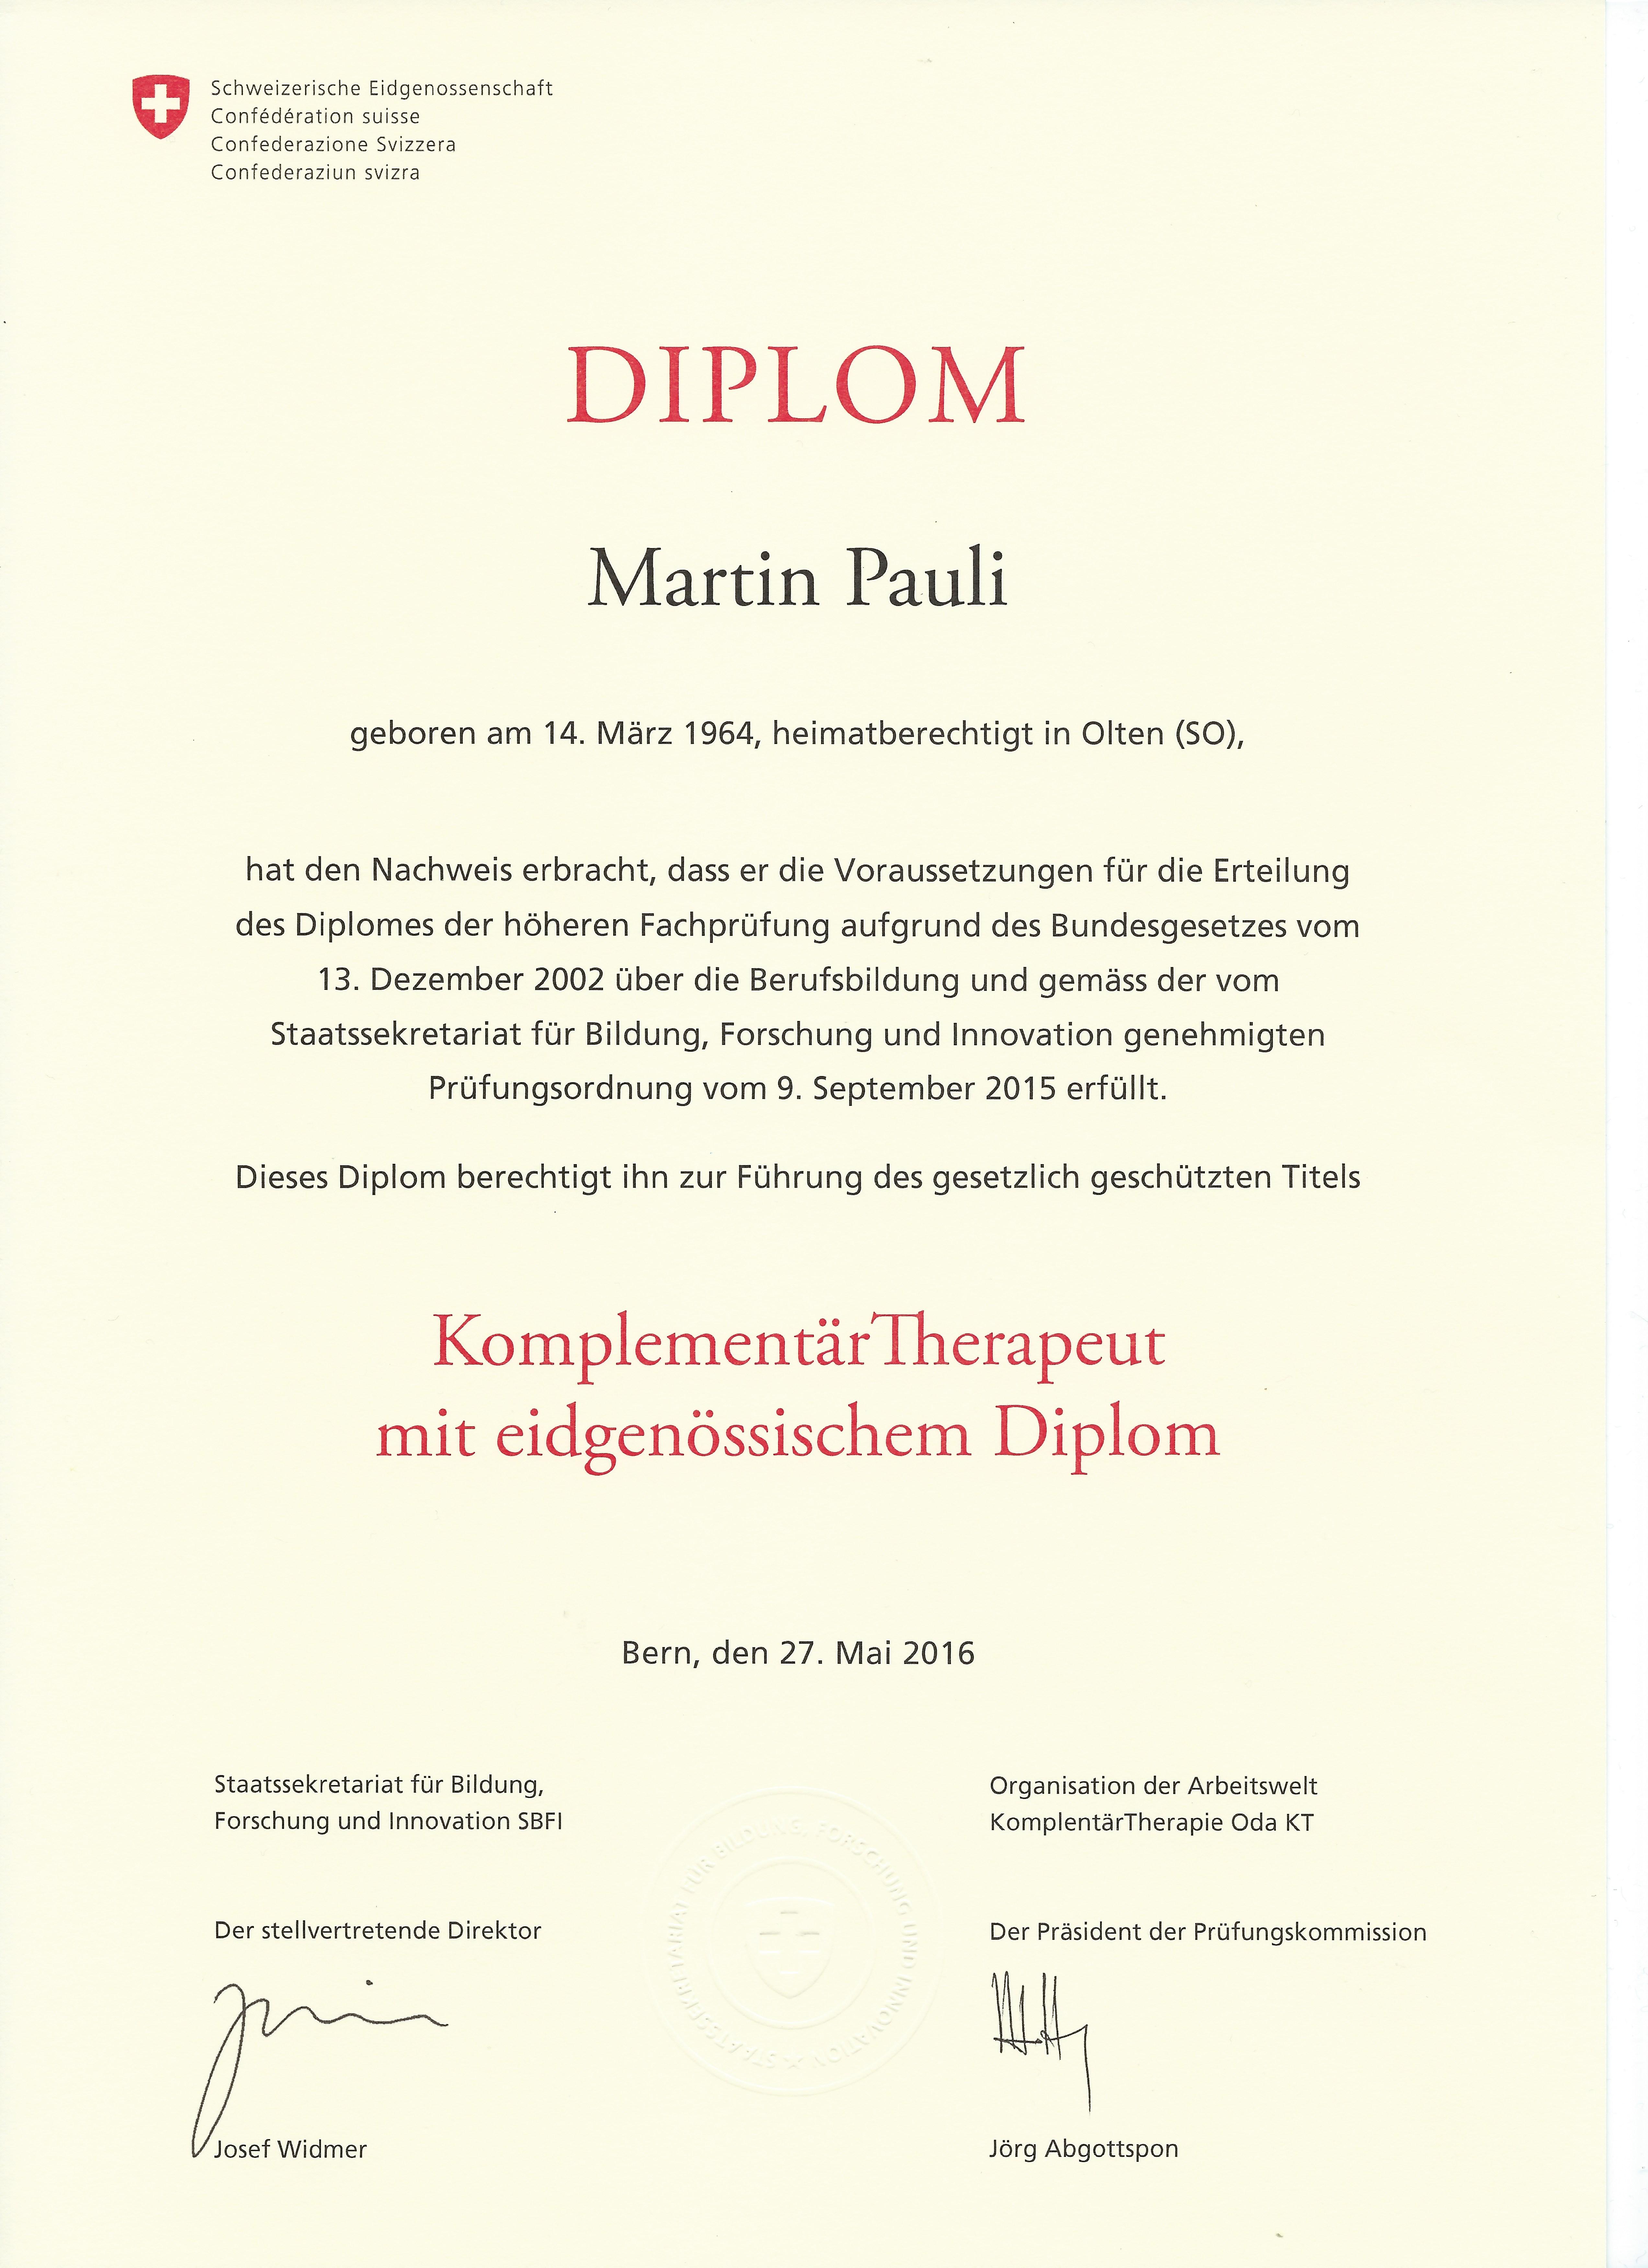 Eidgenössisches Diplom